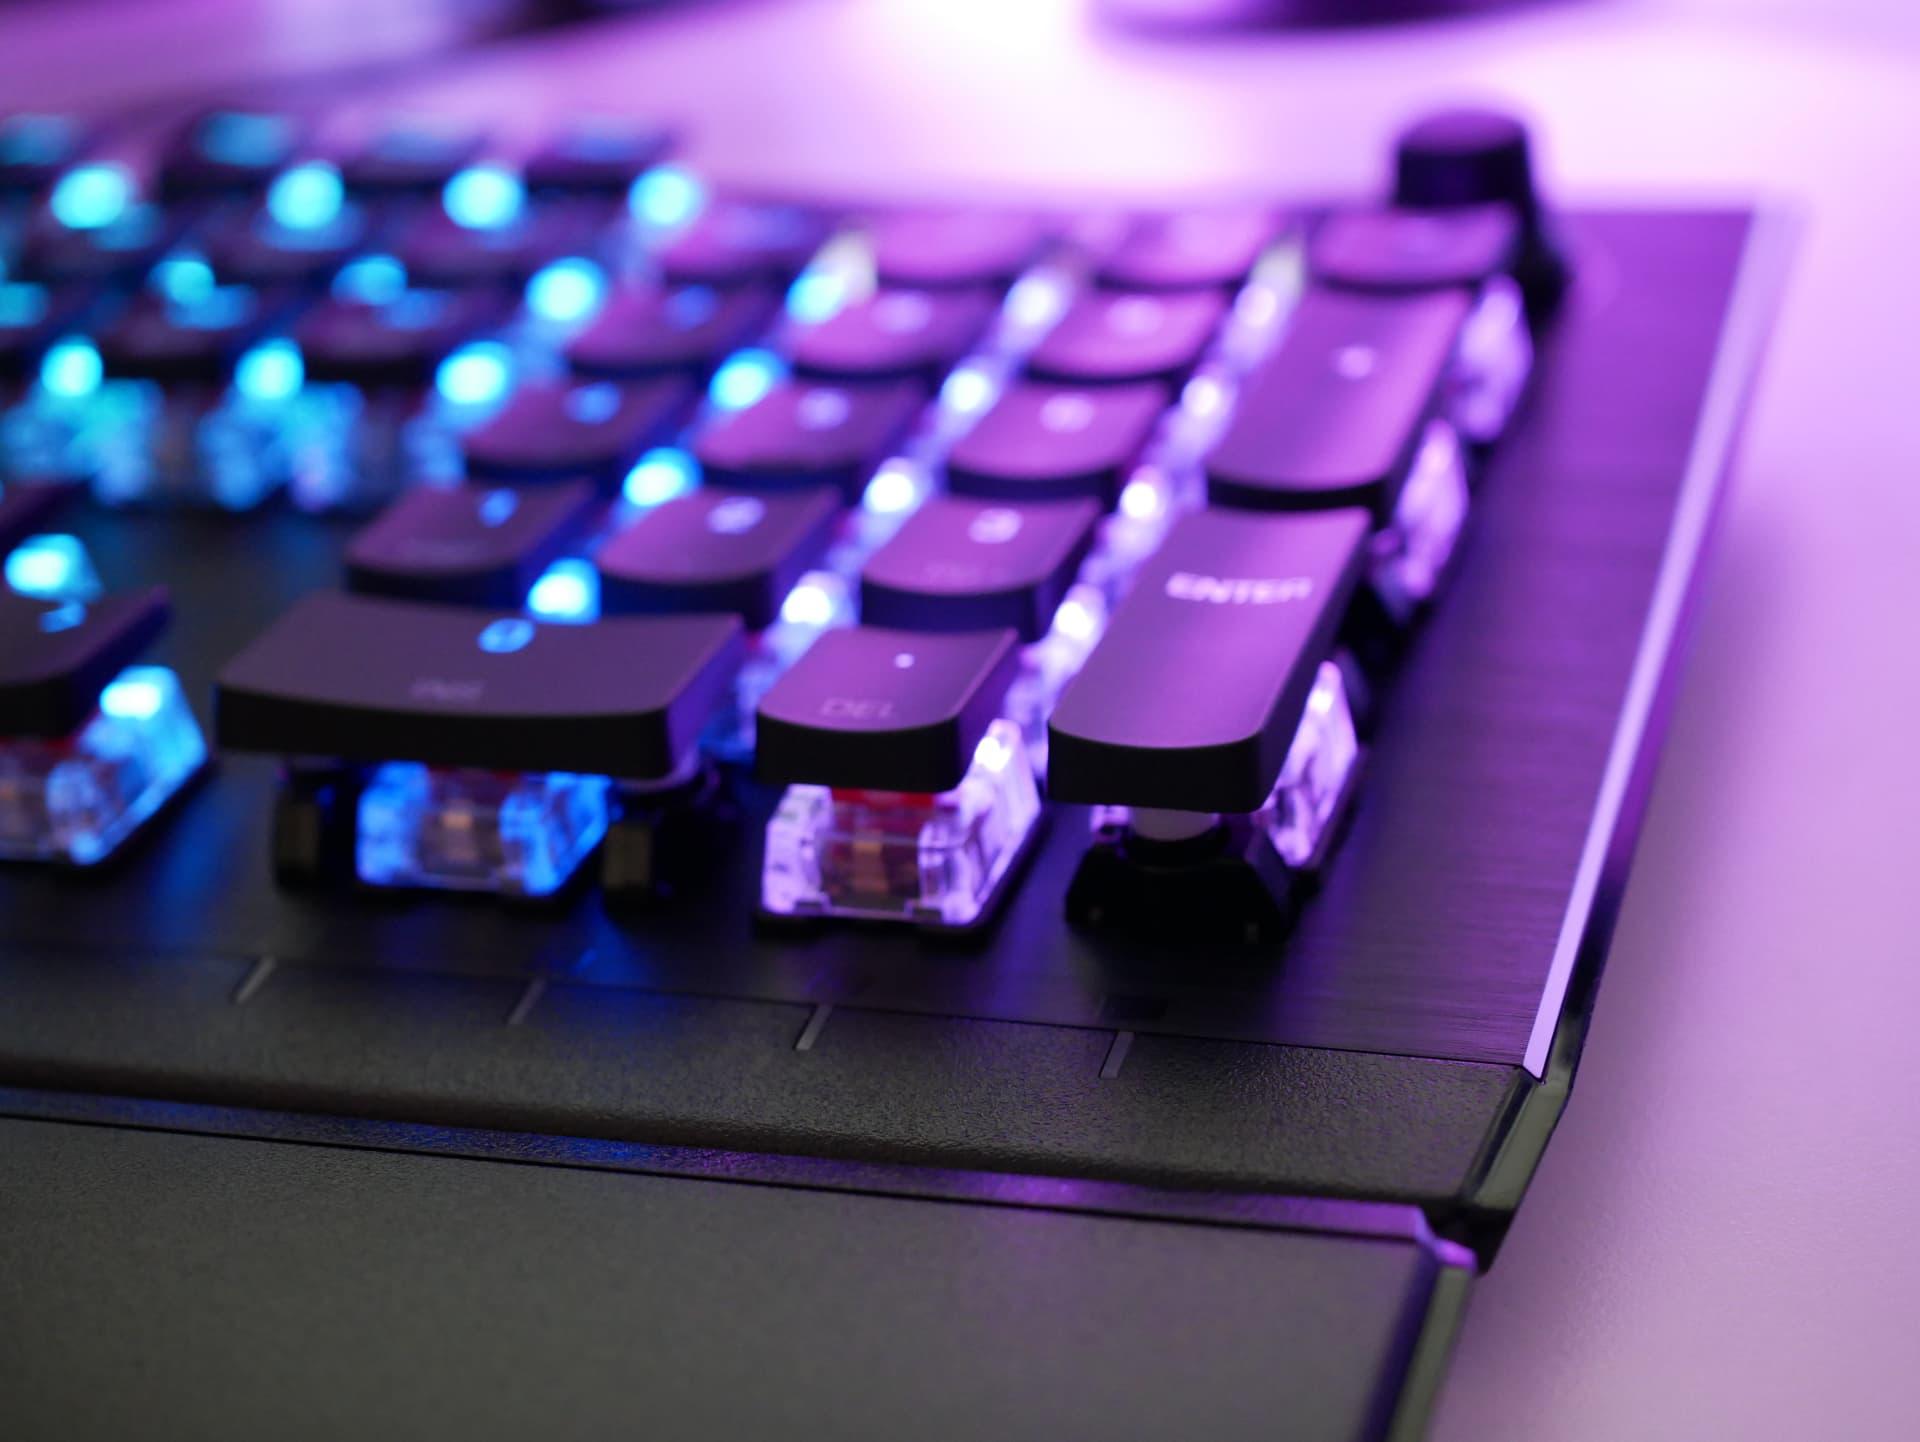 【2021年最新版】おすすめのゲーミングキーボード11選。FPSで有利になる選び方も解説